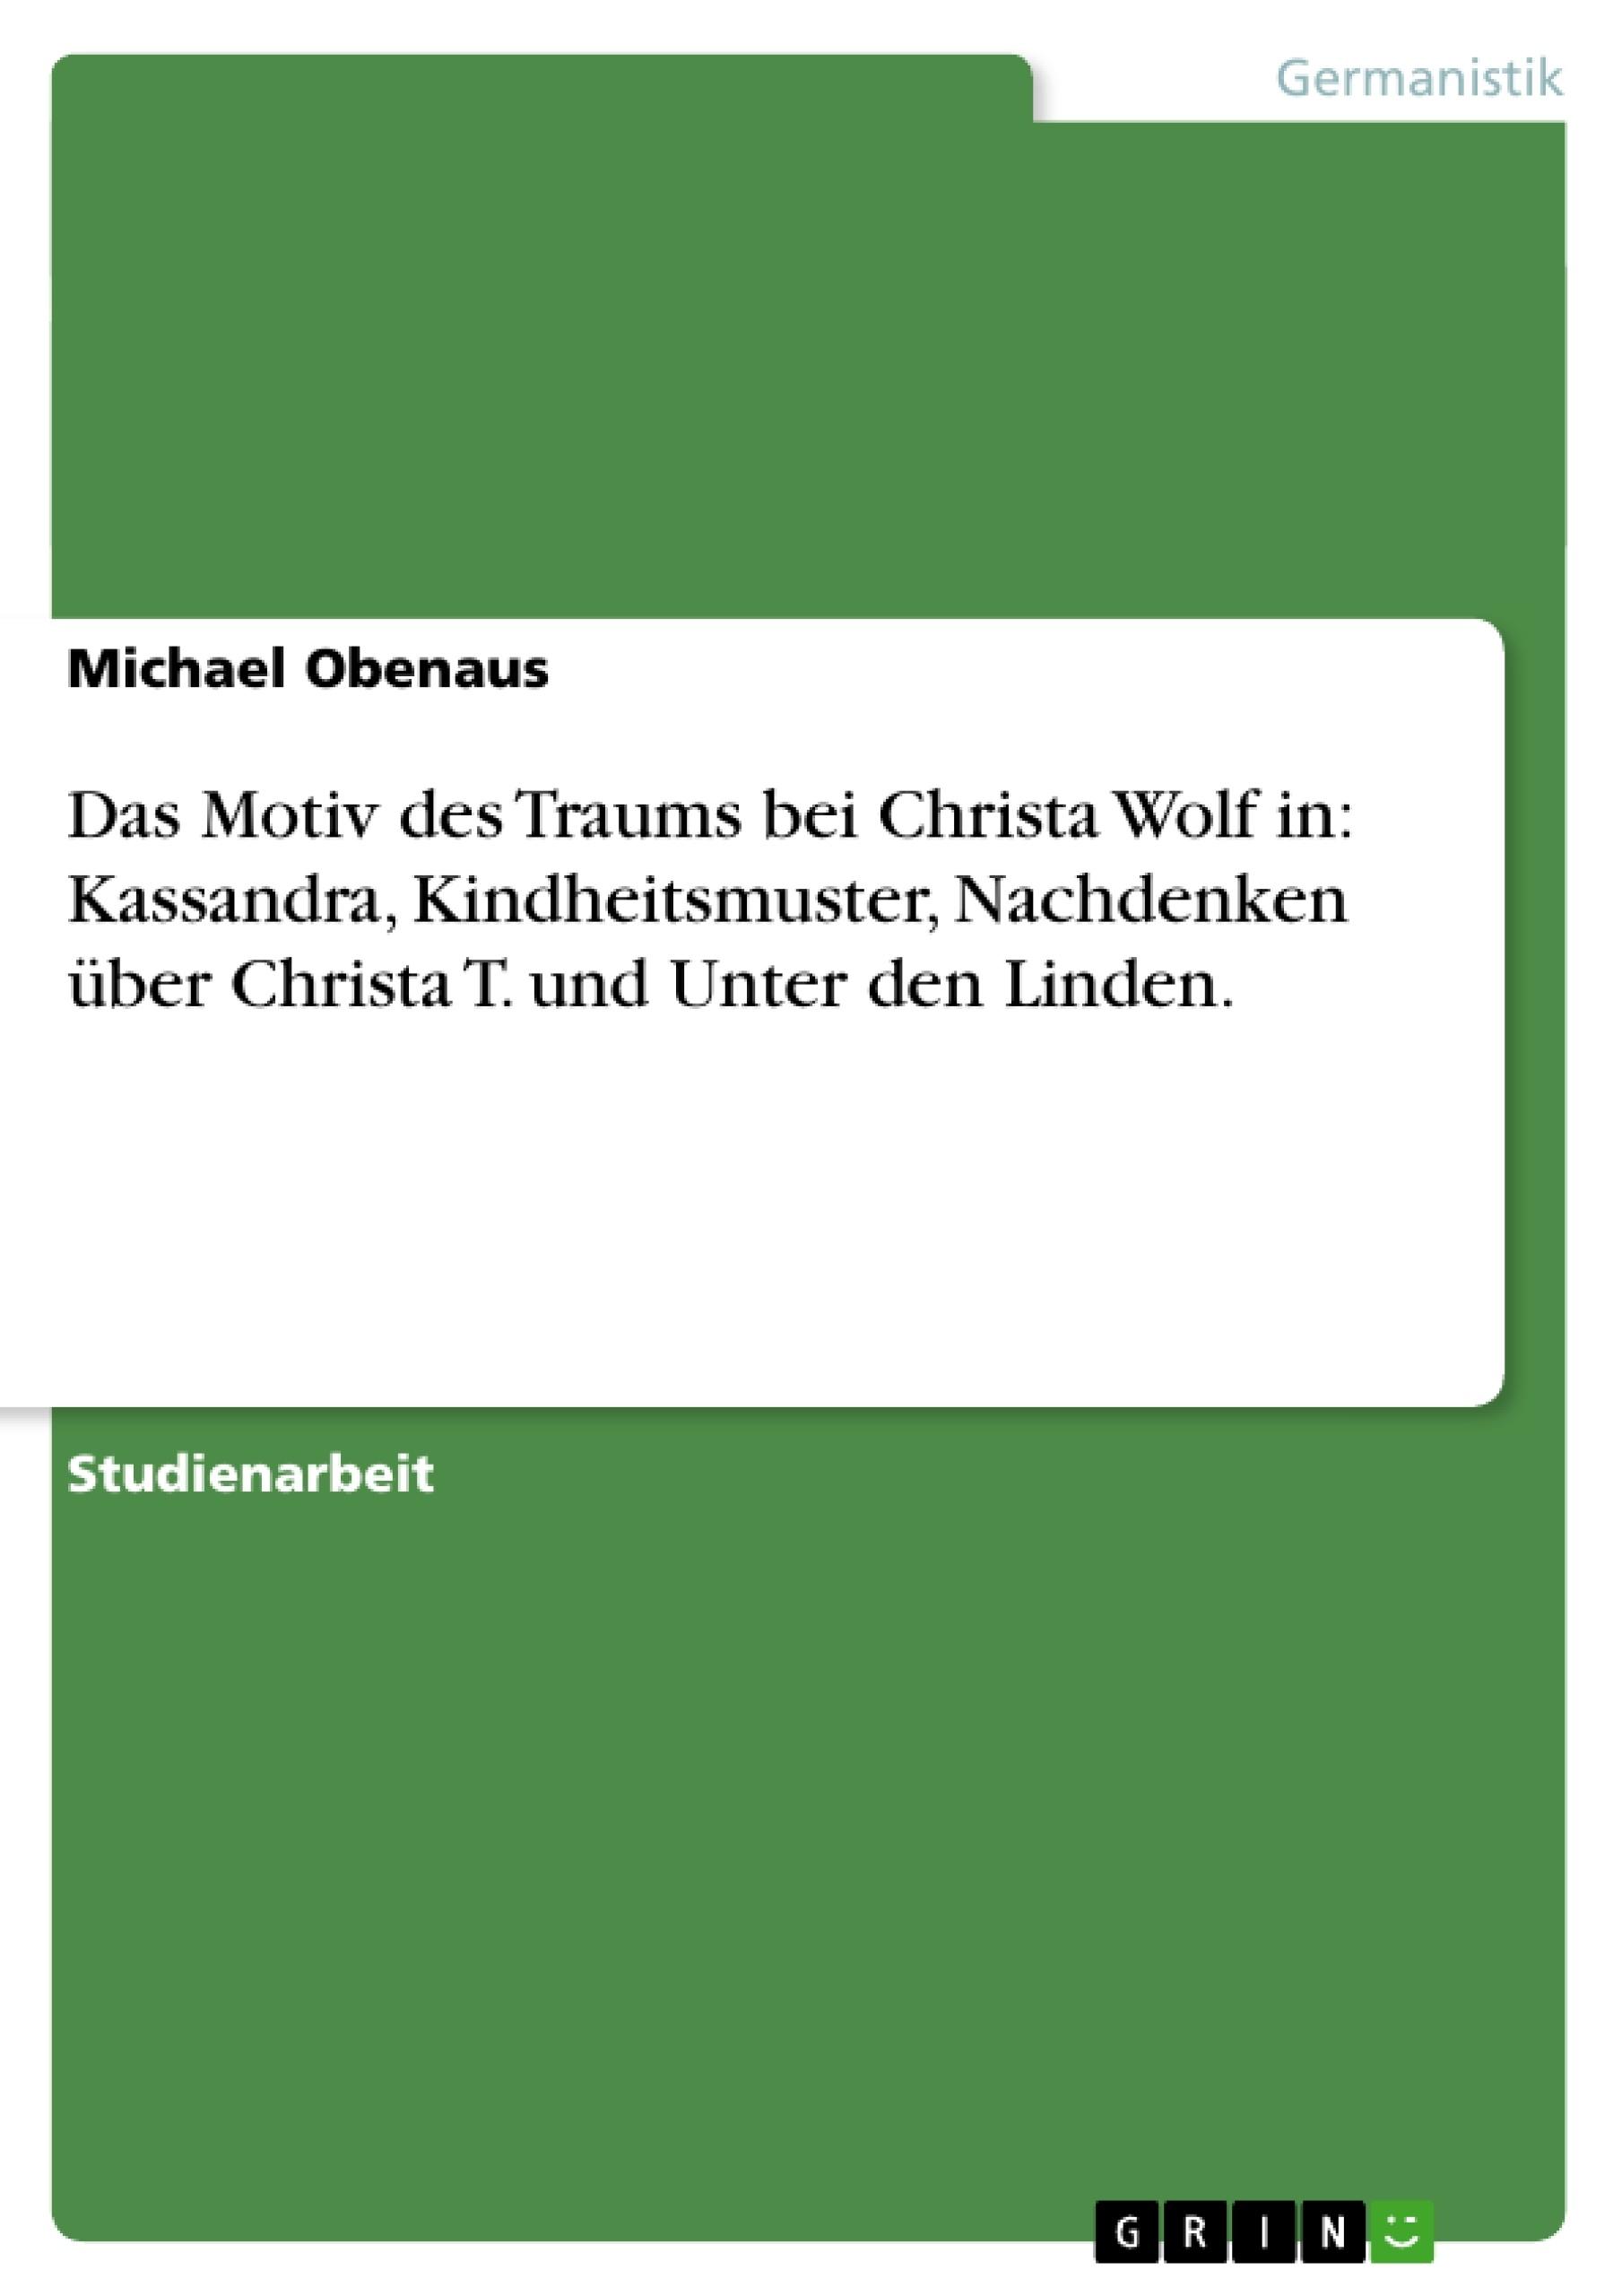 Titel: Das Motiv des Traums bei Christa Wolf in: Kassandra, Kindheitsmuster, Nachdenken über Christa T. und Unter den Linden.